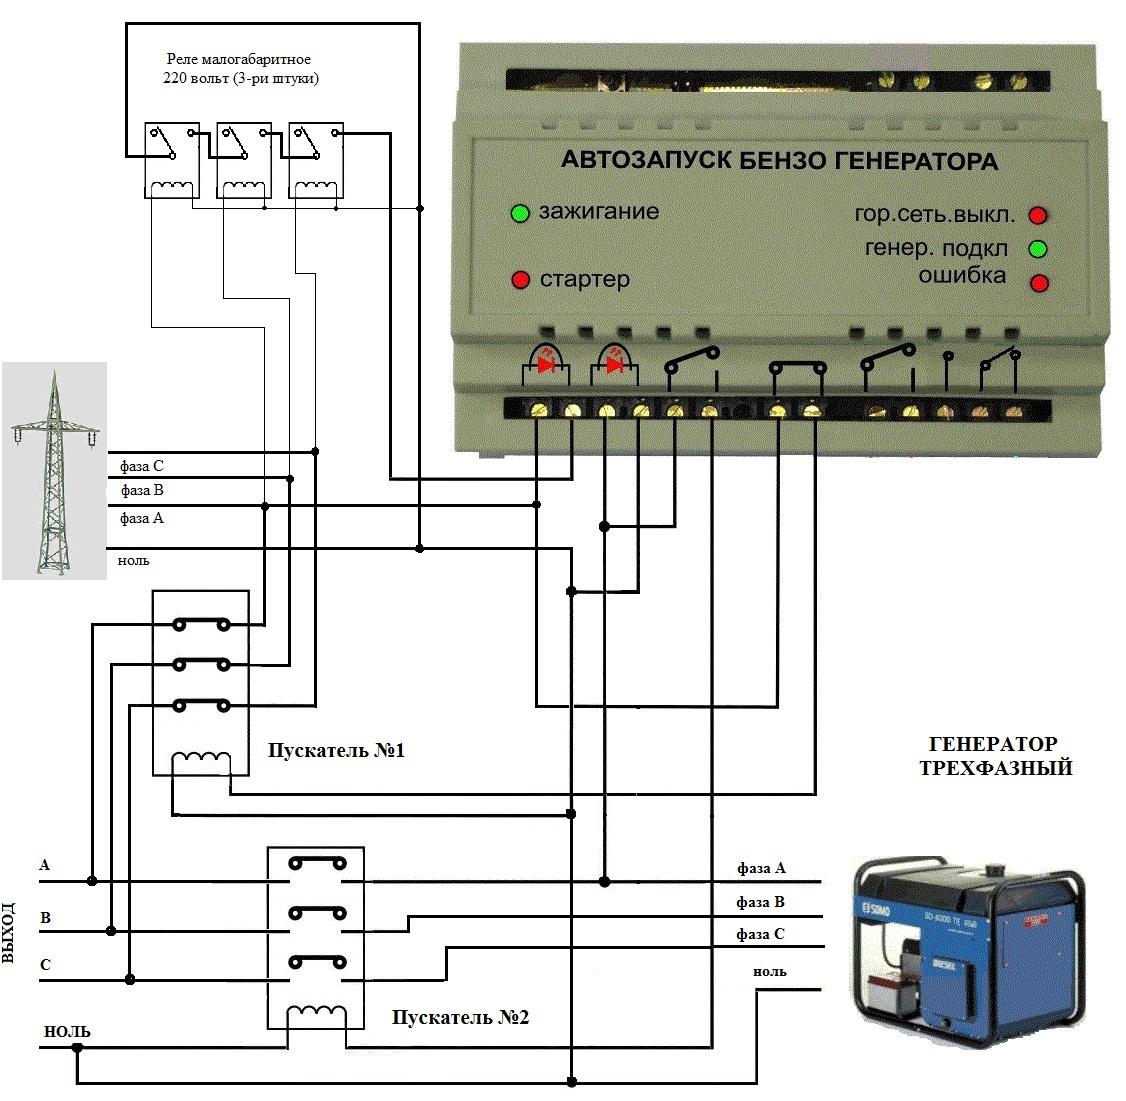 Схема подключения однофазного генератора с автозапуском